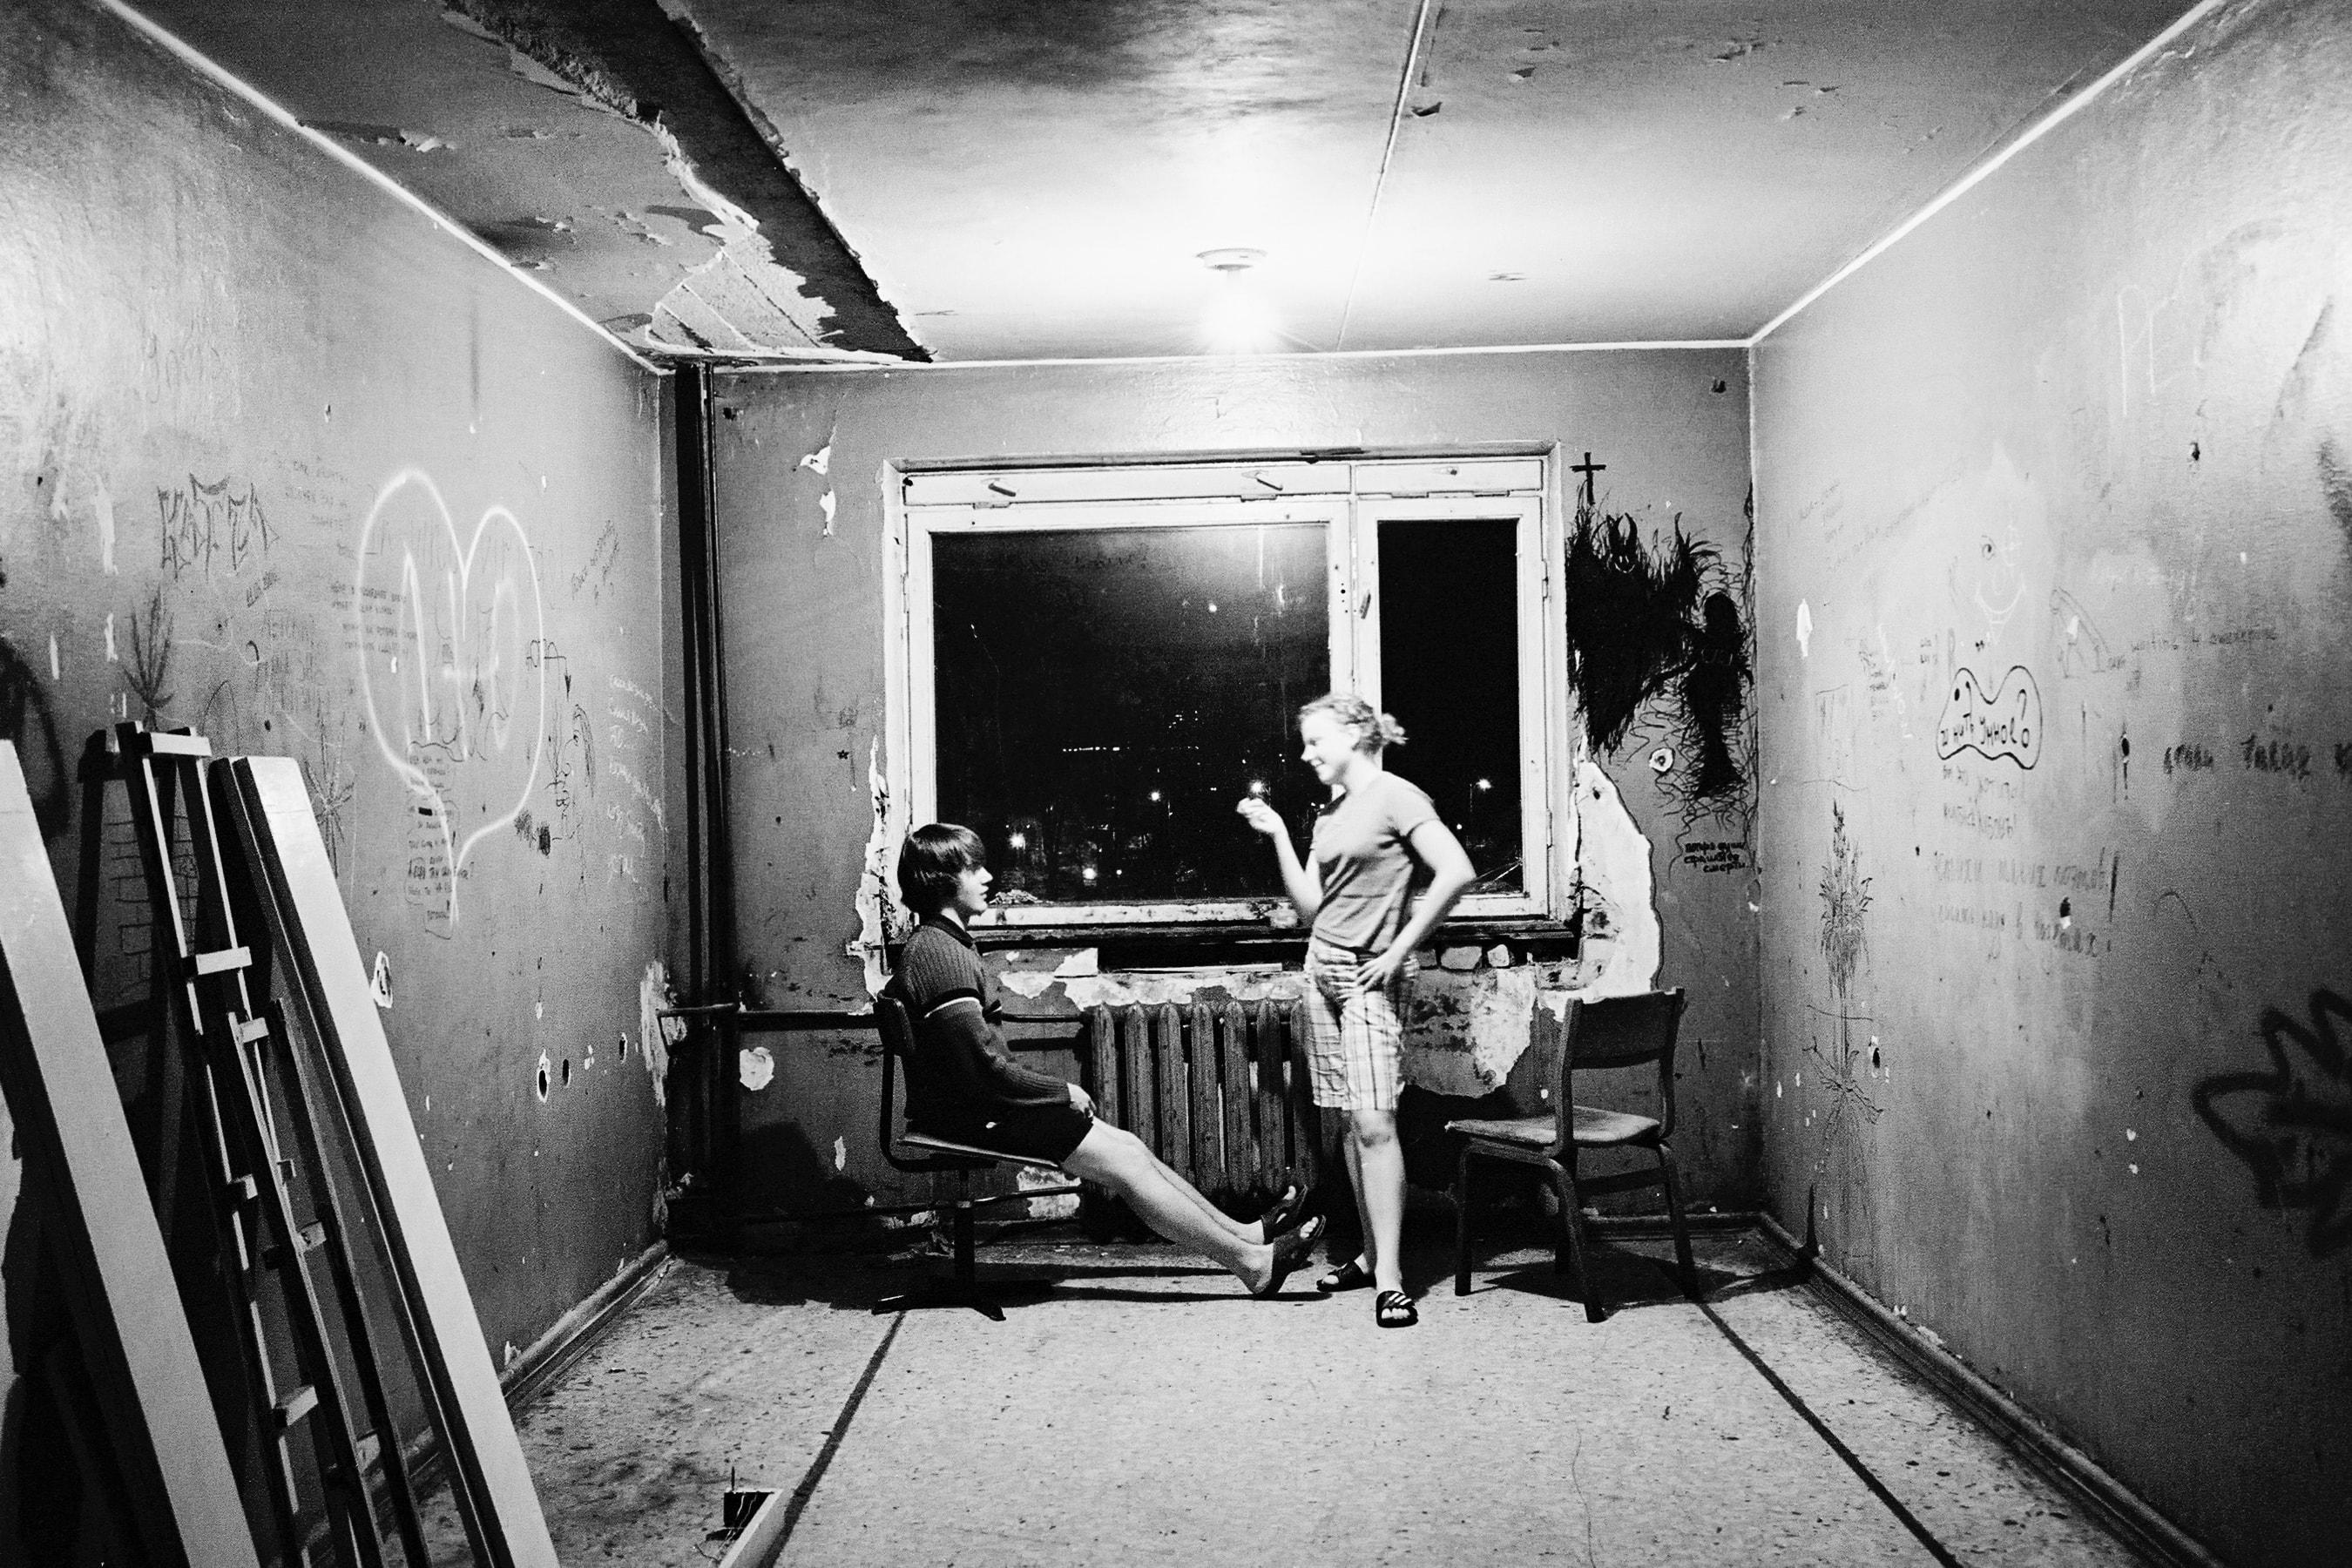 Sissekolimisvalmis tuba. Foto: Liina Soosaar